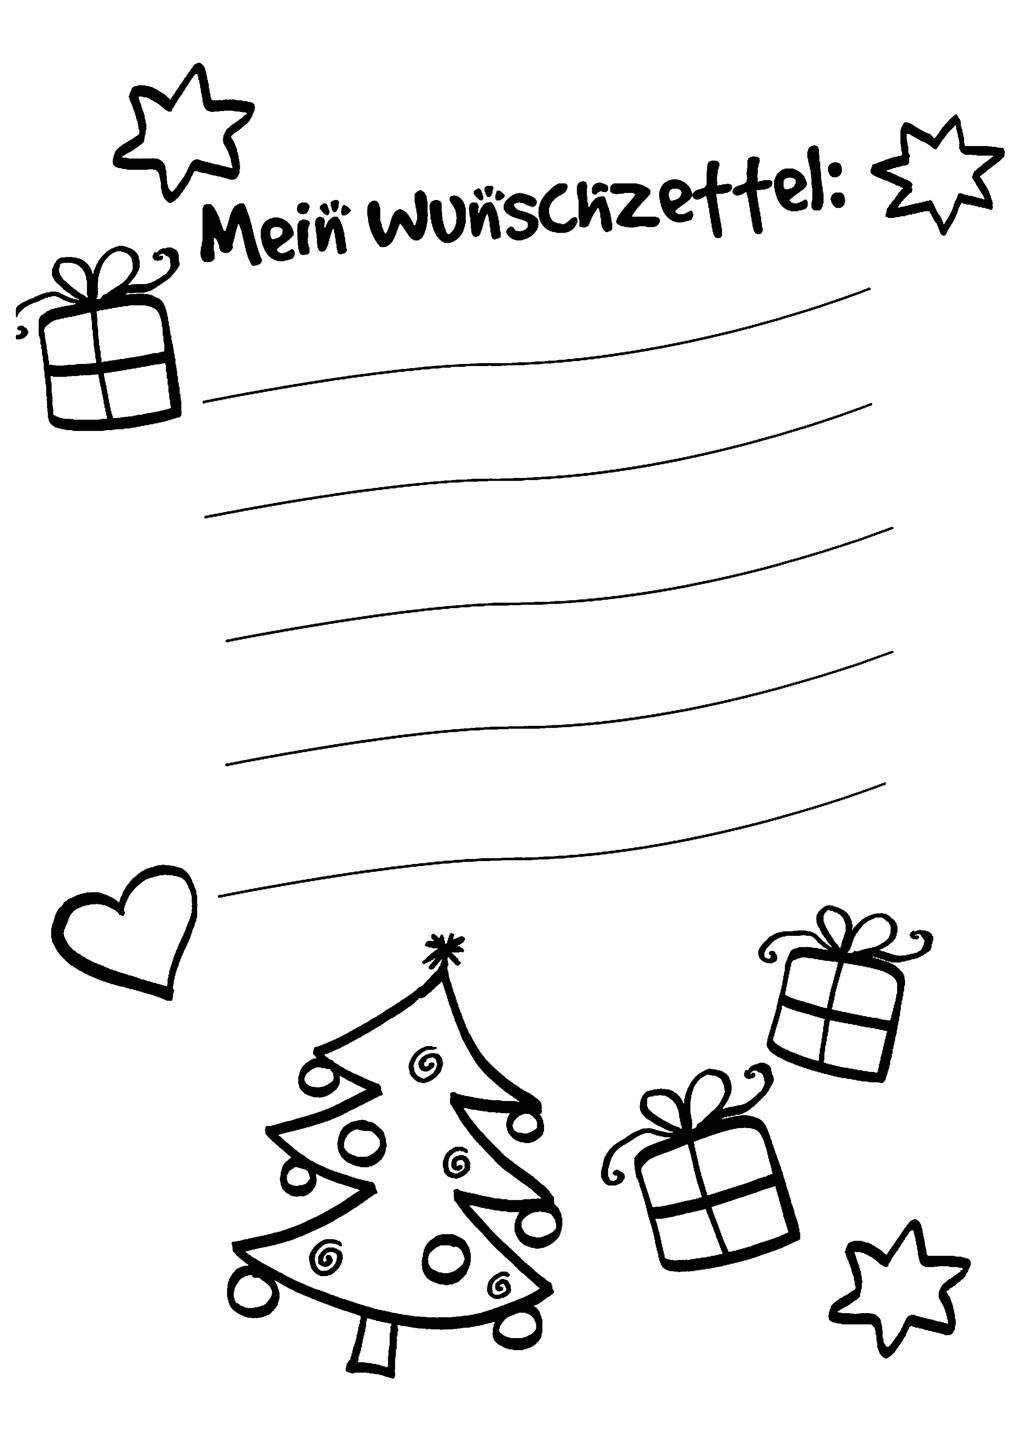 Ausmalbild Wunschzettel für Weihnachten Wunschzettel zum Ausmalen kostenlos ausdrucken